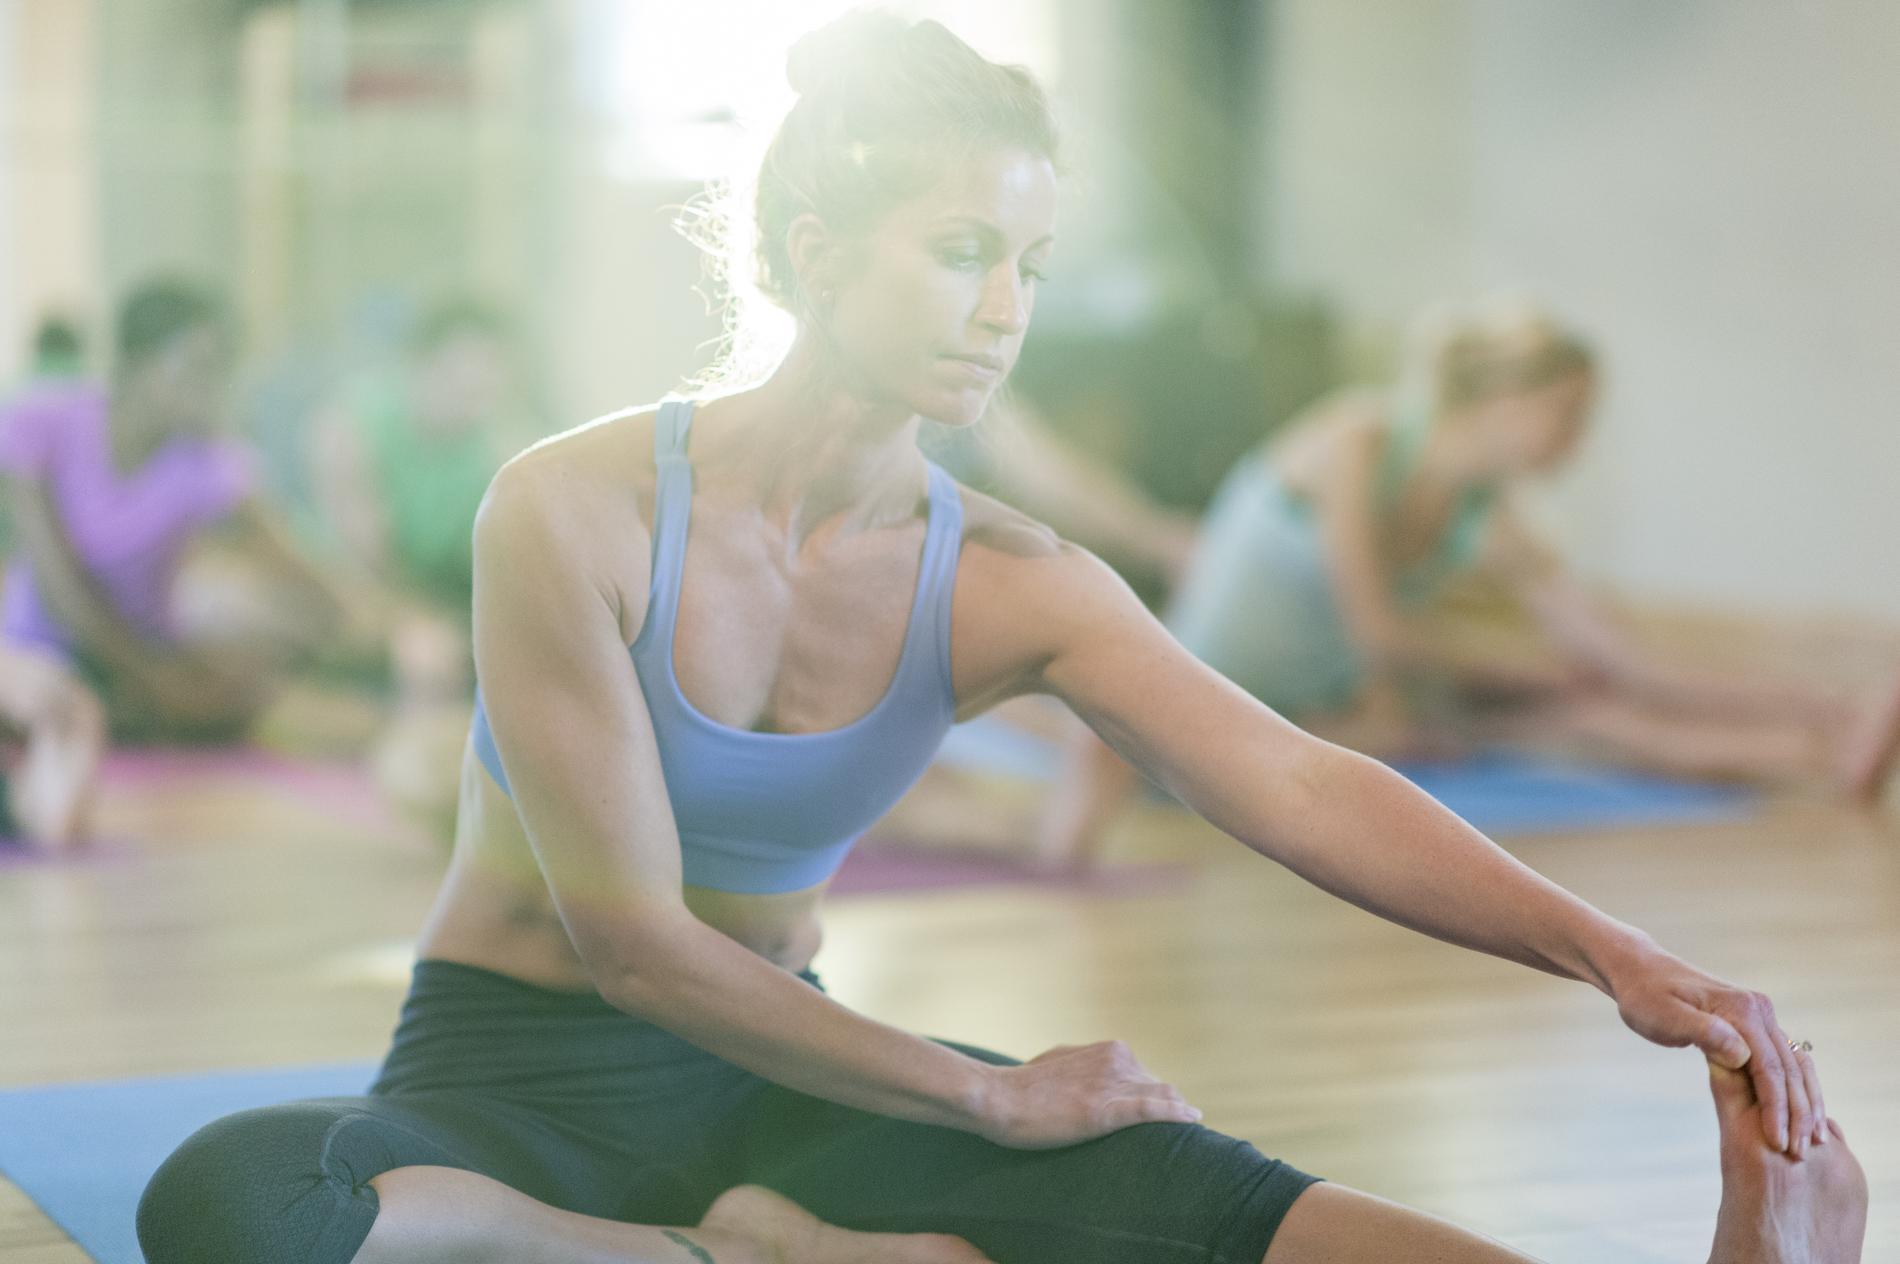 cours de yoga de rencontres conseils pour sortir avec un homme musulman